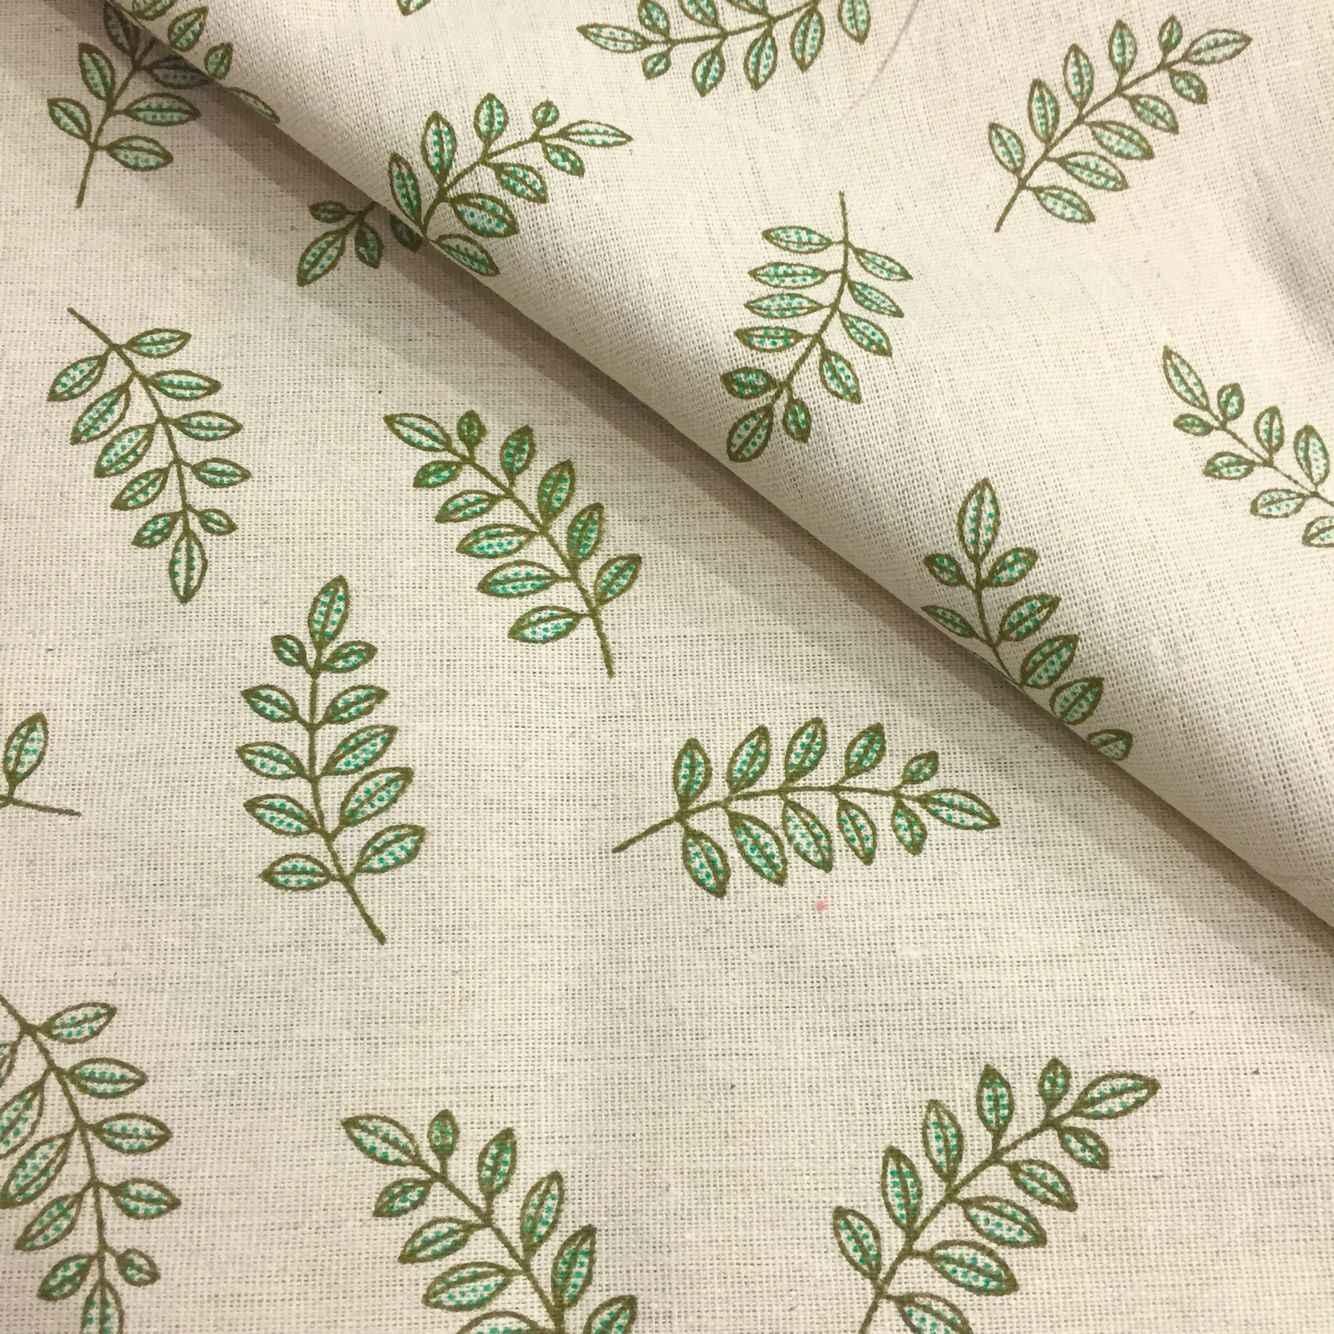 Австралийский метр Tissus зеленая хлопковая и Льняная Ткань простая спальня балдахин Подушка антепендиум ткань фото в детском саду